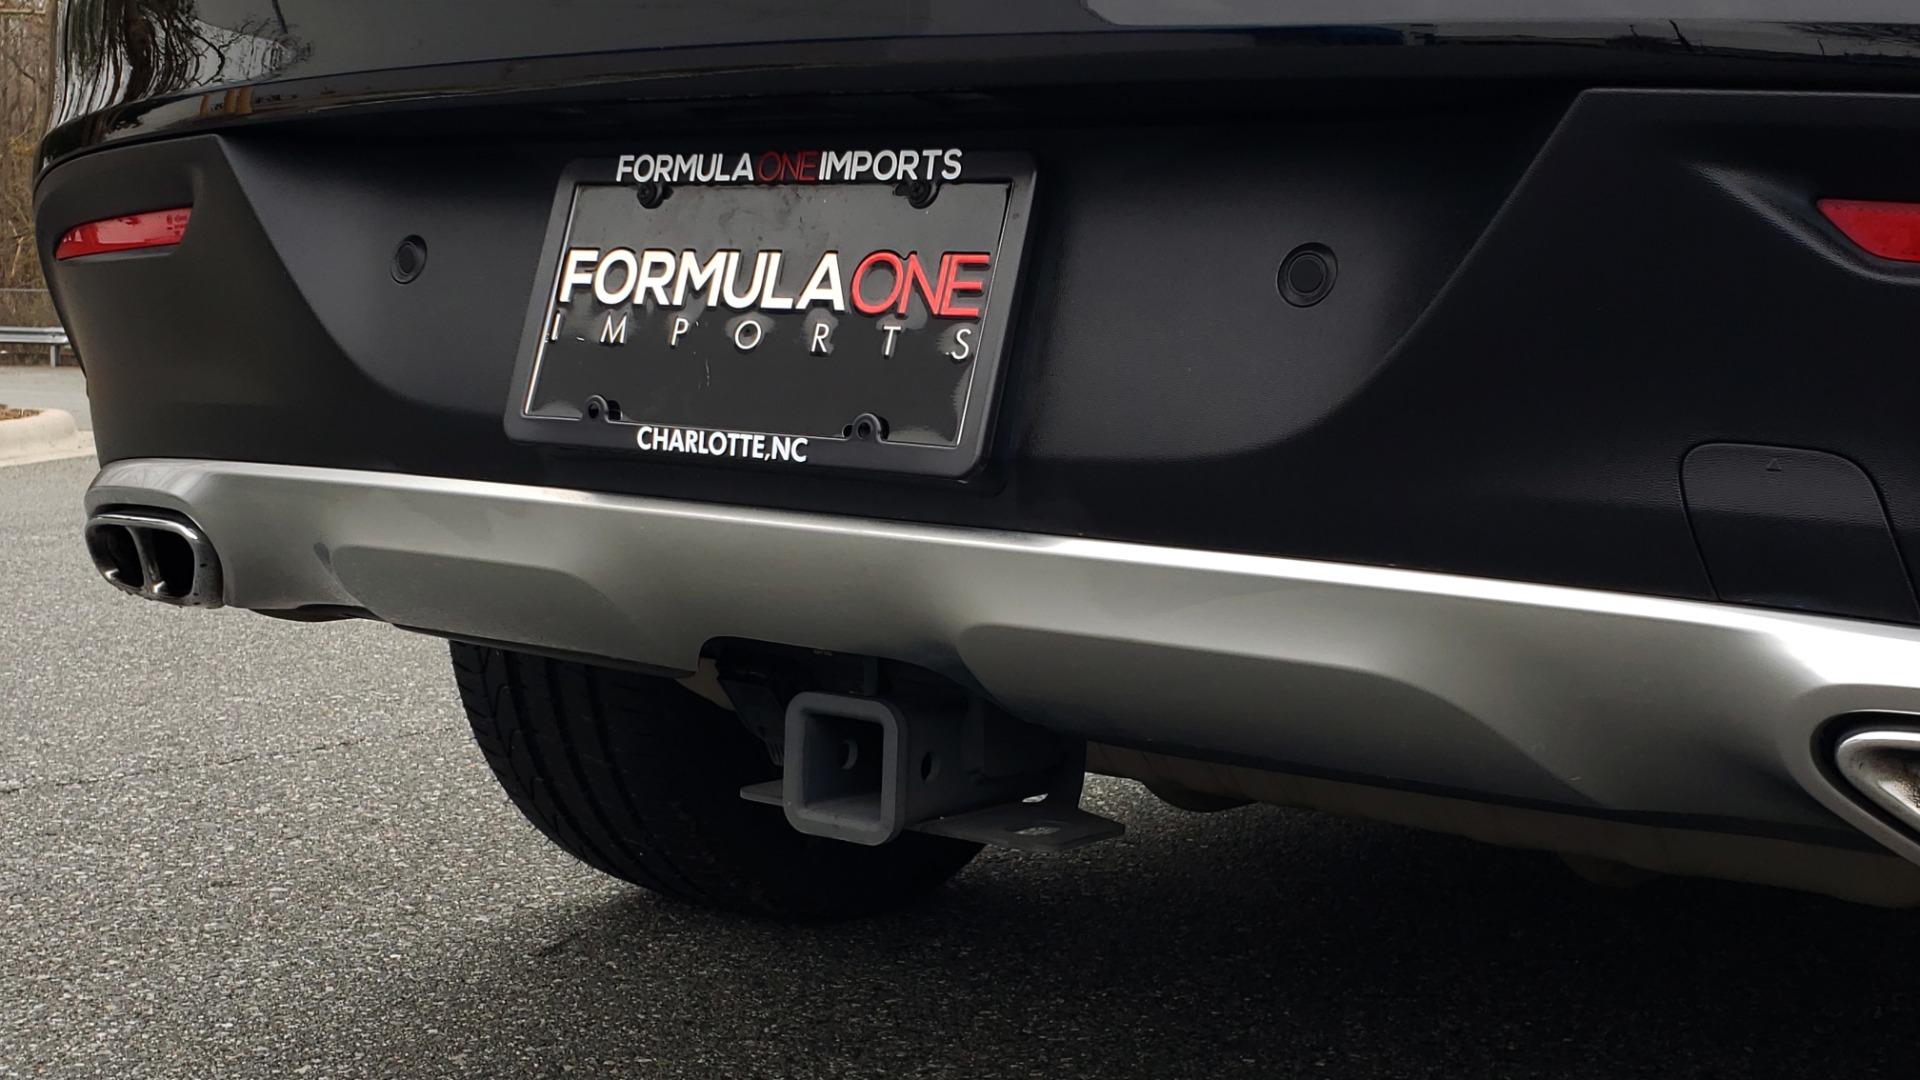 Used 2016 Mercedes-Benz GLE 450 AMG / AWD / PREM PKG / PARK ASST / DRVR ASST / SUNROOF for sale Sold at Formula Imports in Charlotte NC 28227 34